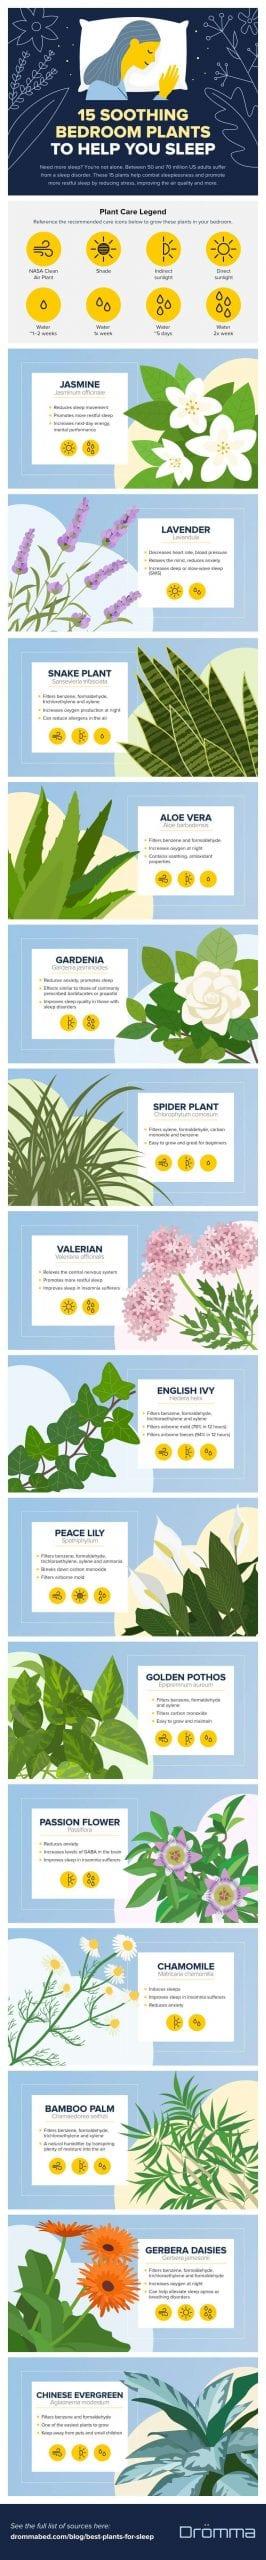 15 best indoor plants for sleep